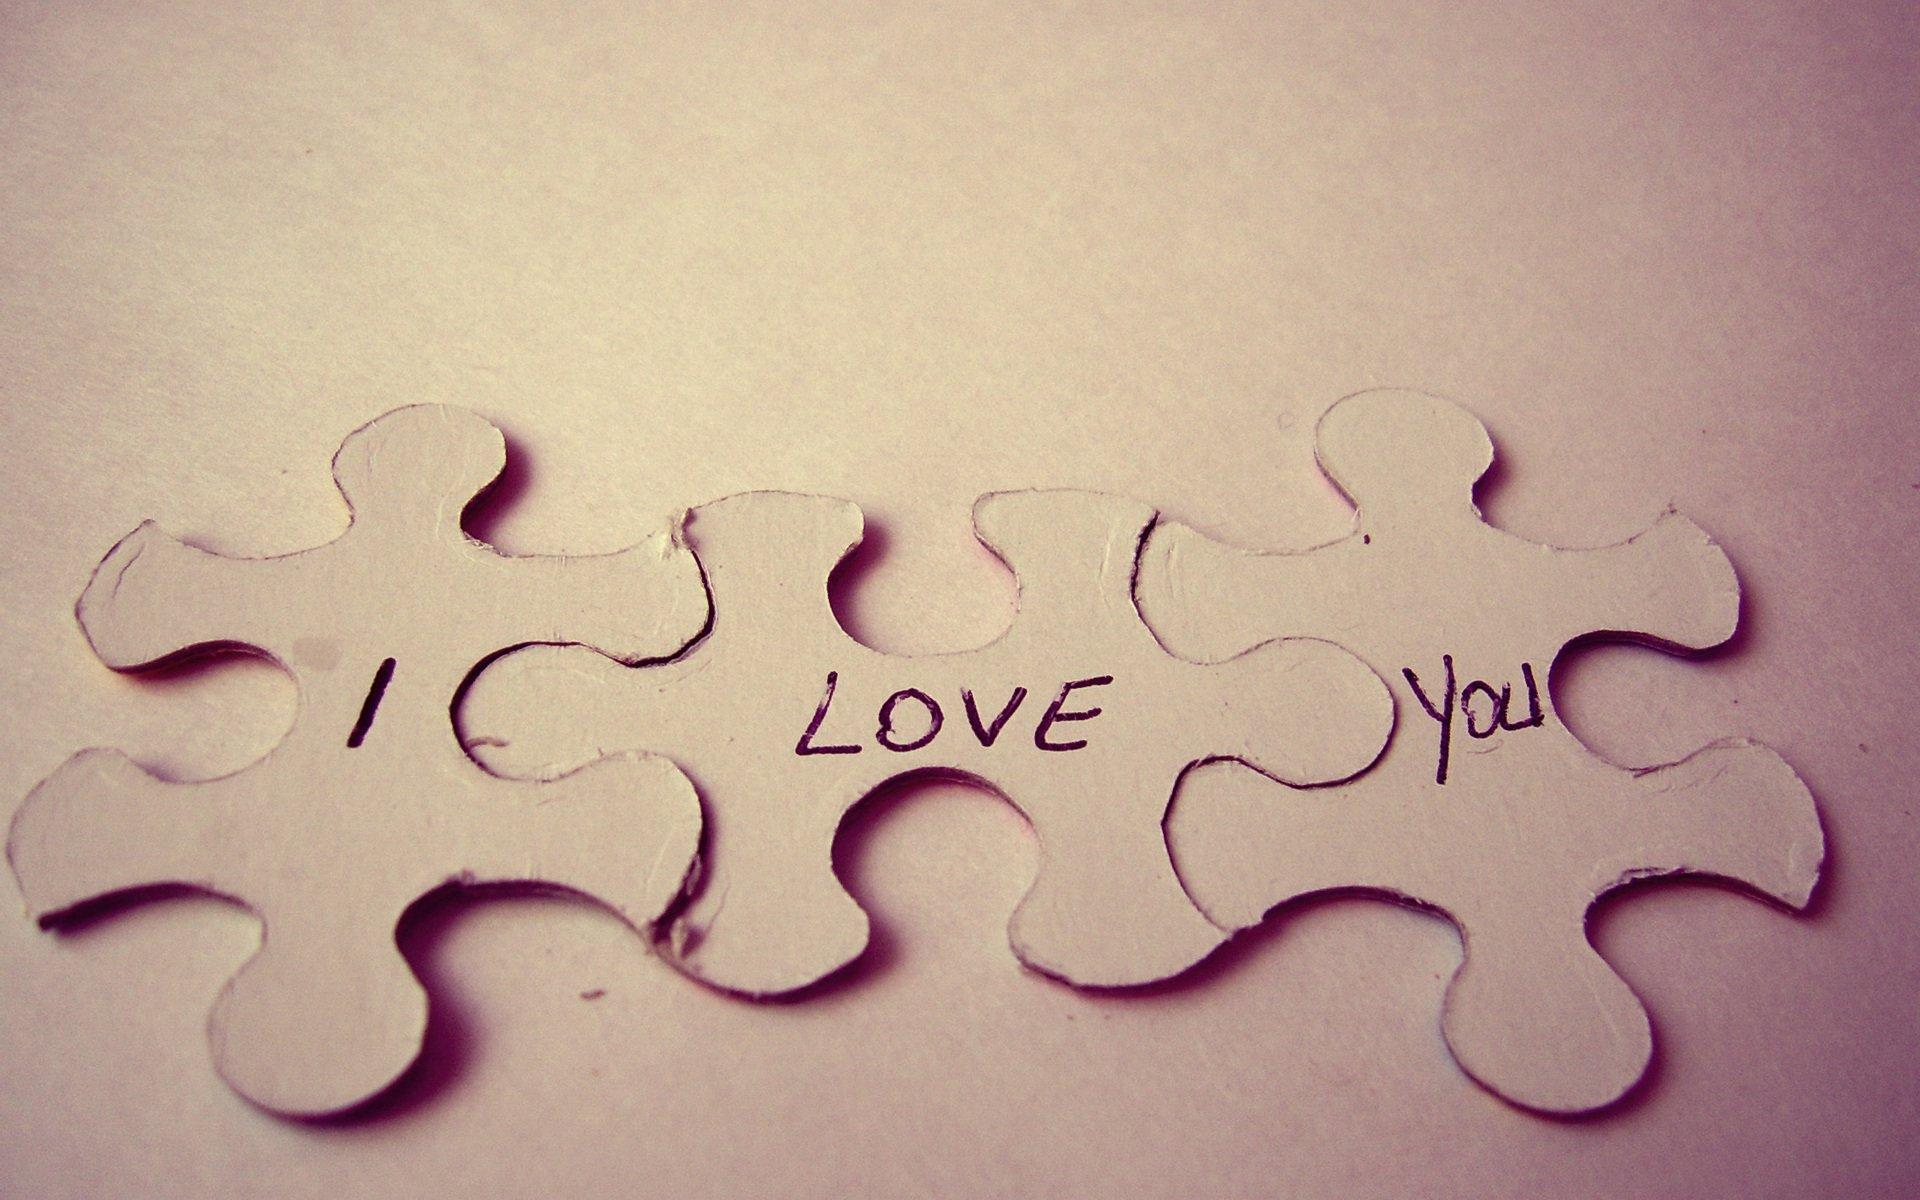 Открытка, инстаграм картинки с надписями о любви